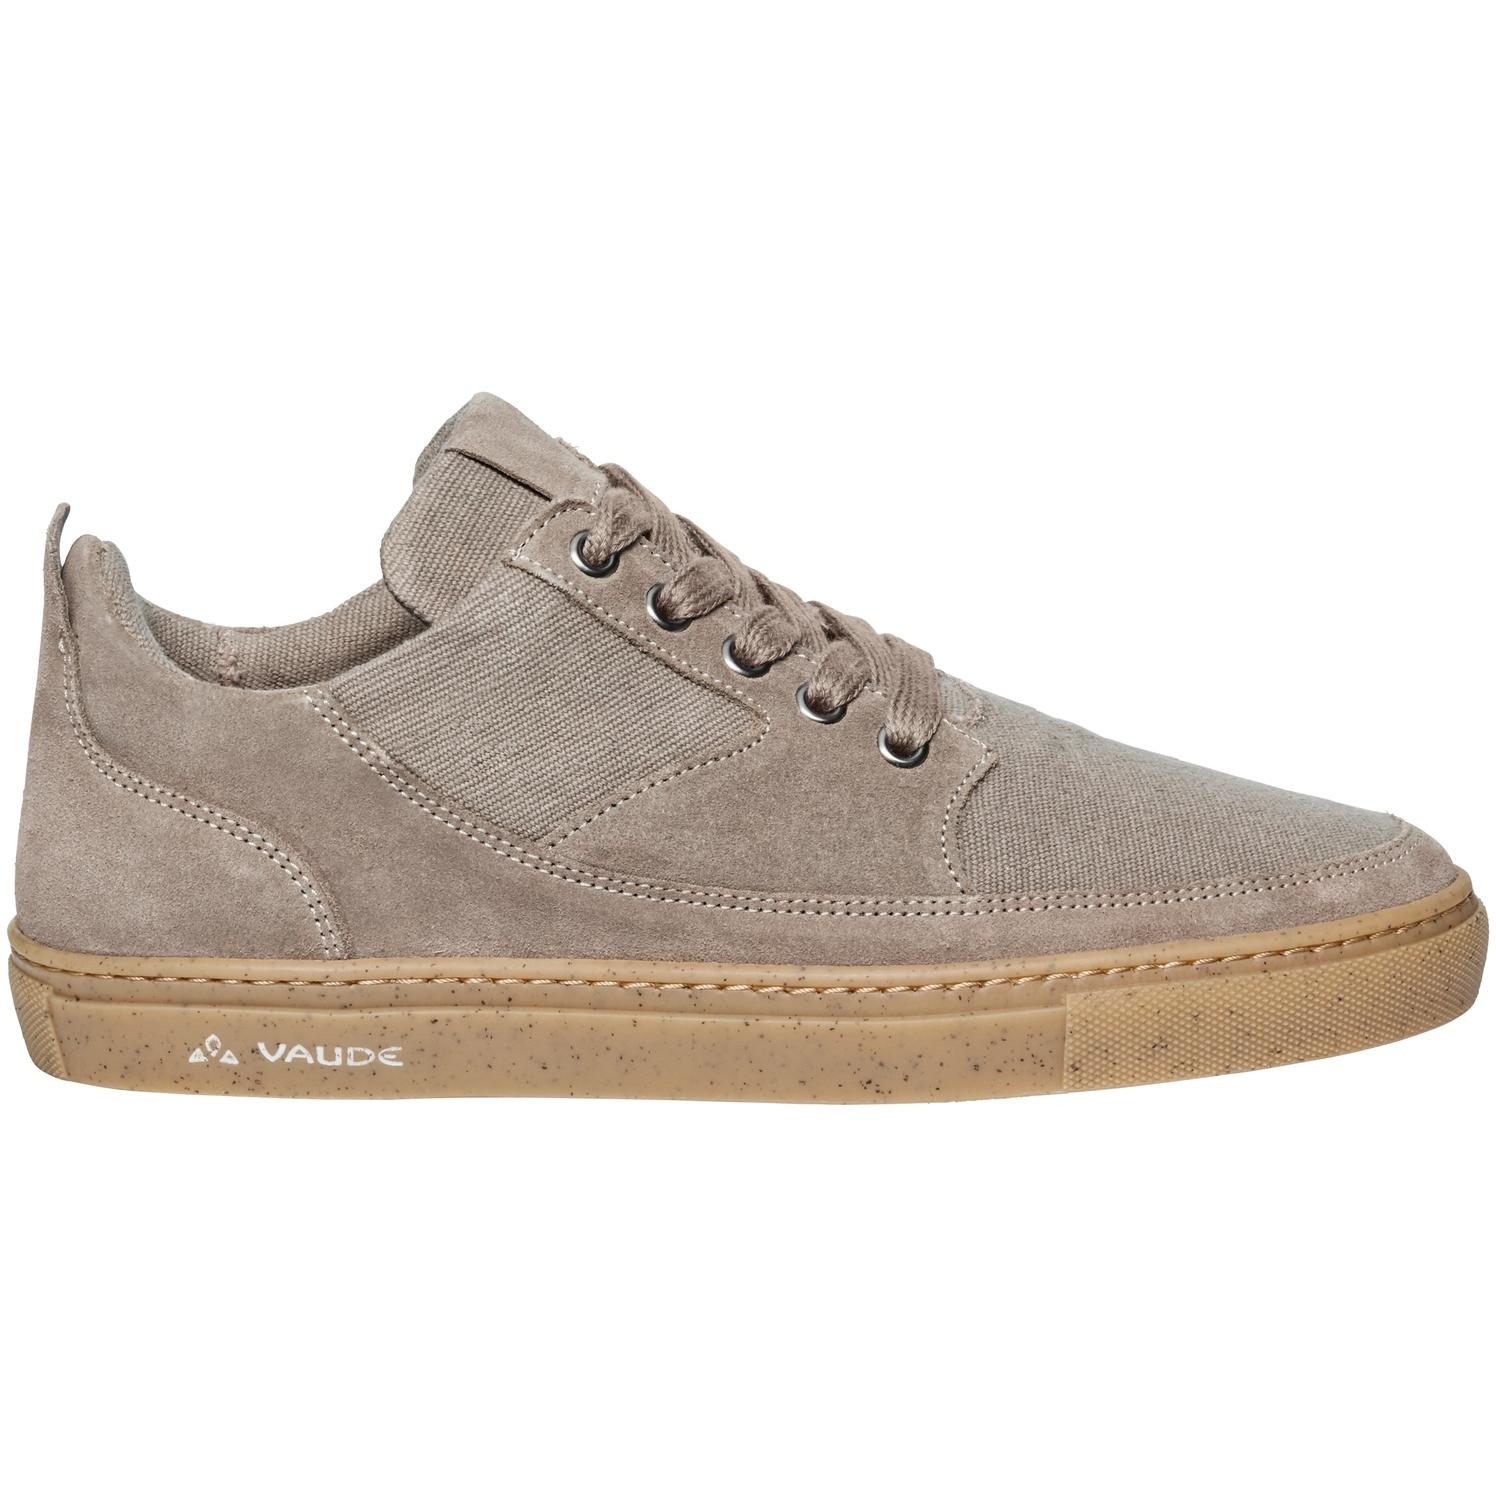 Vaude Women's UBN Redmont 2.0 PS Shoes - boulder